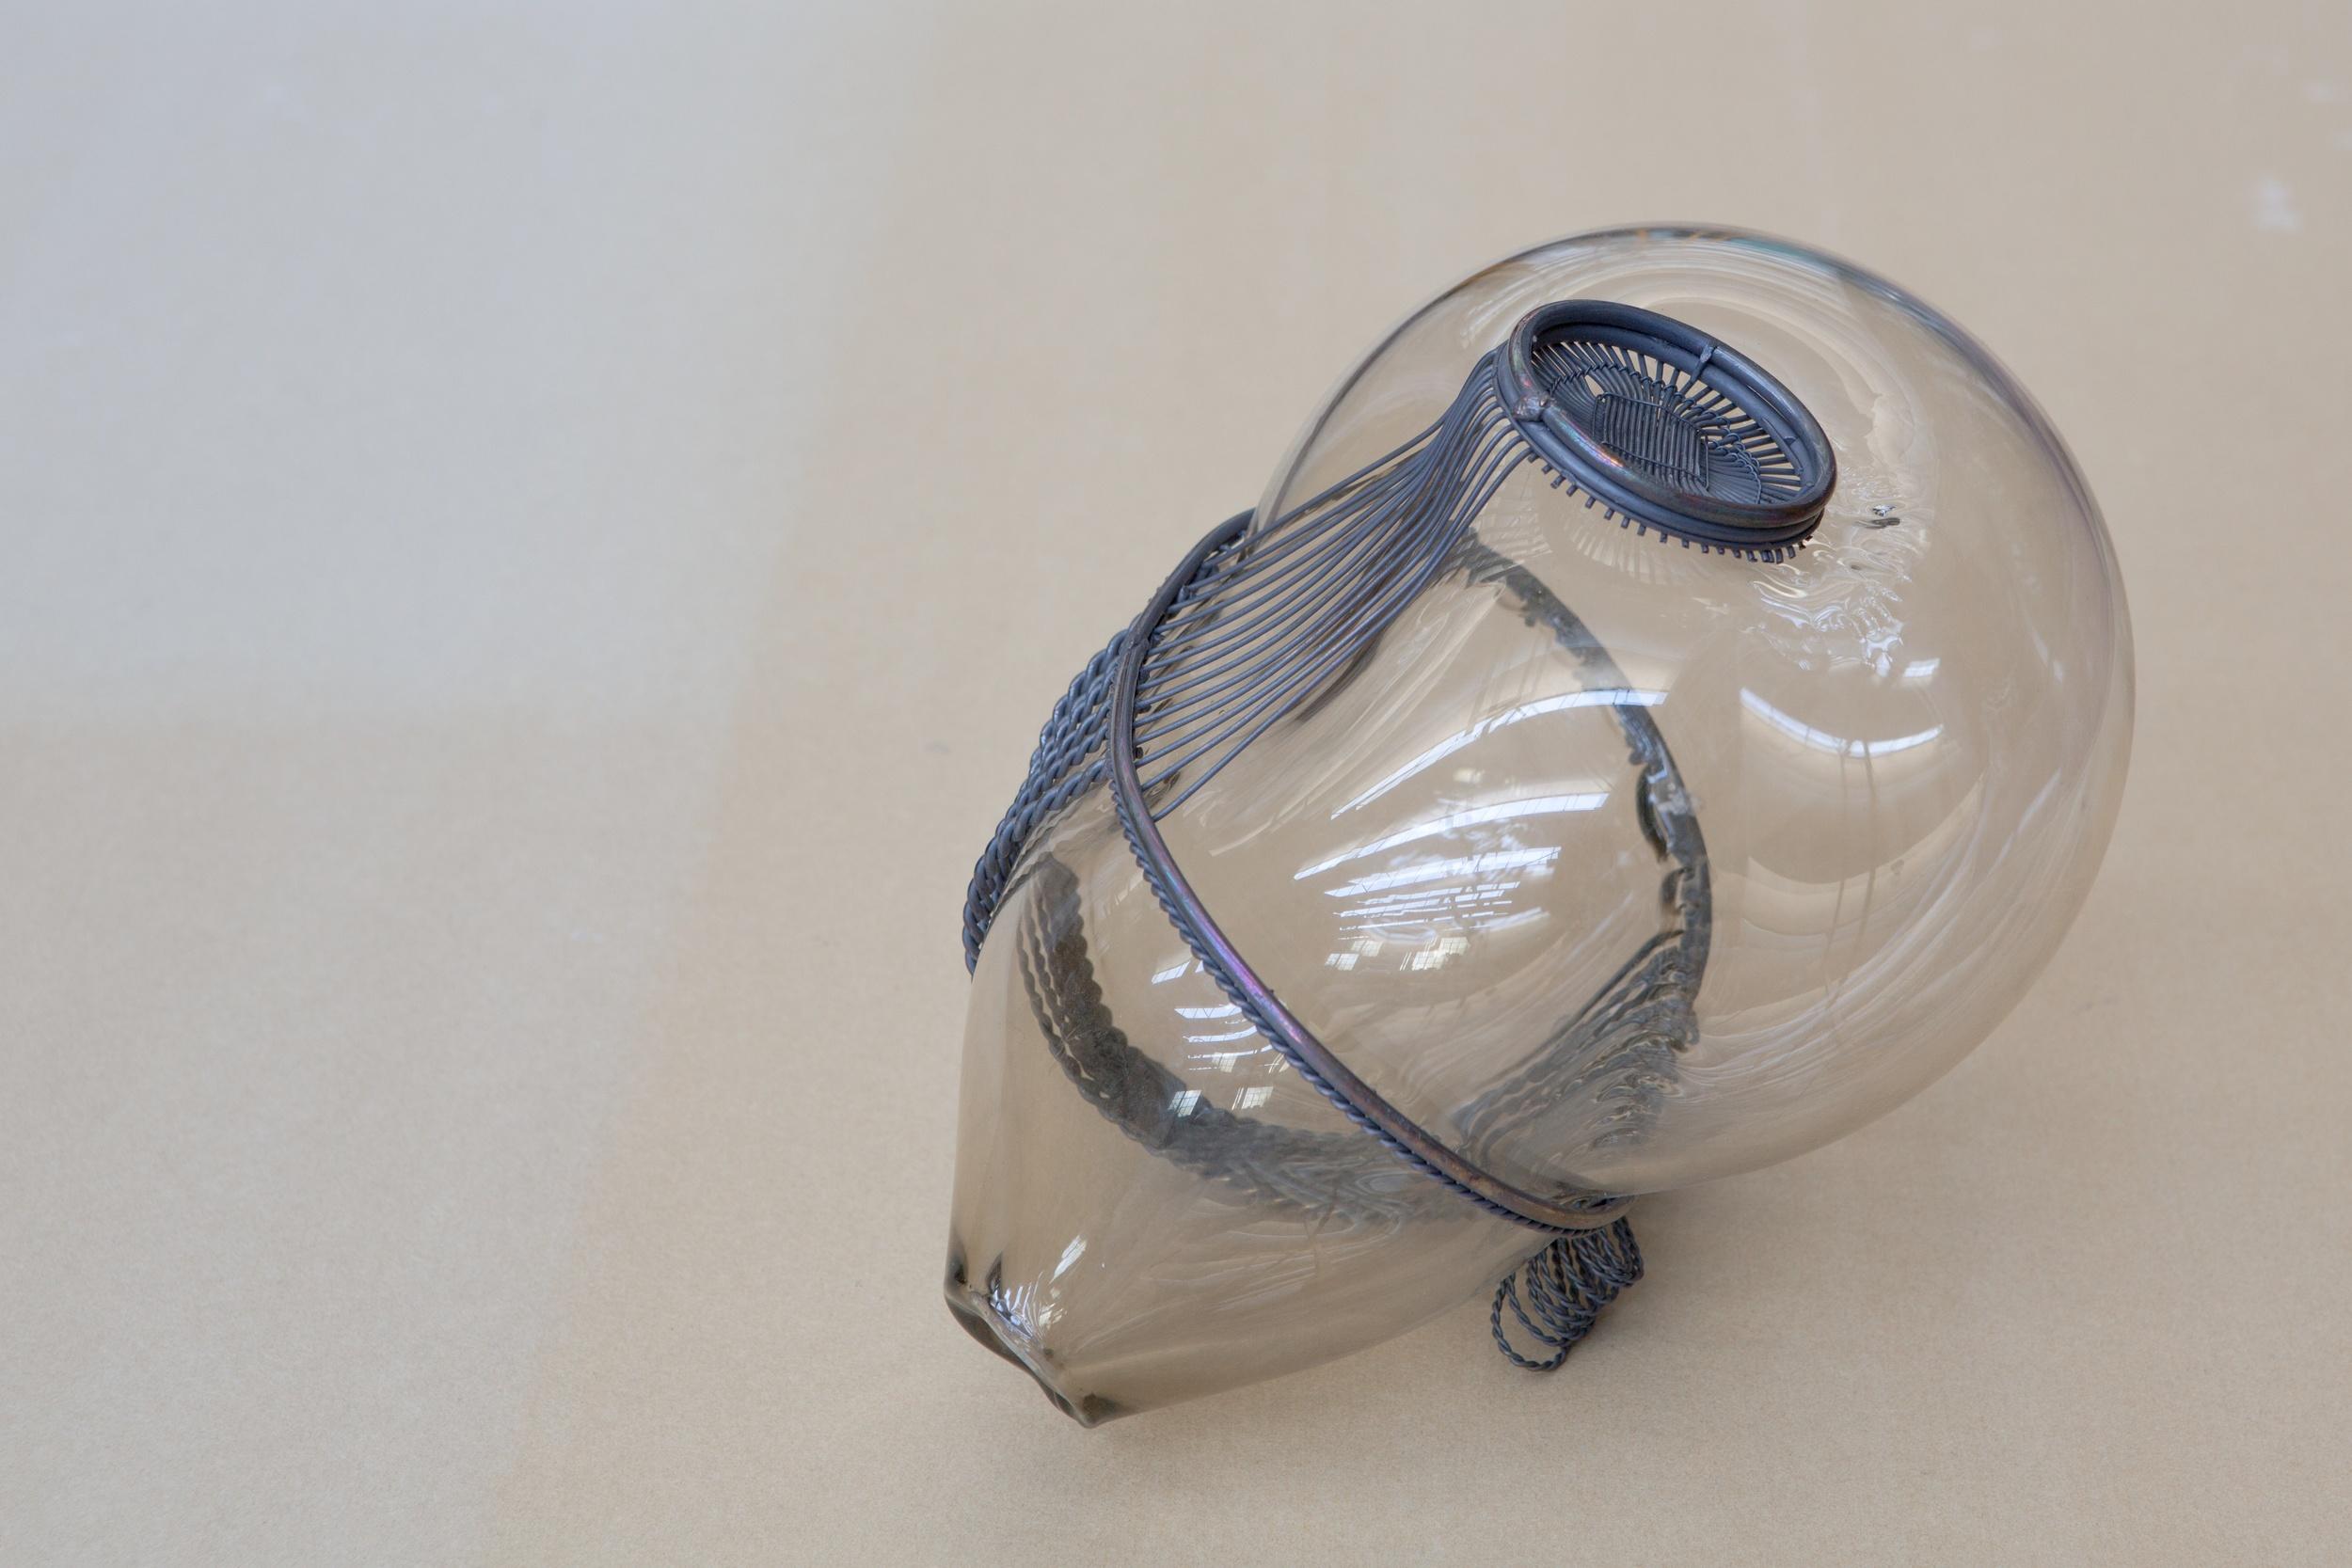 Soffio#24  2014 - Vetro soffiato e metallo - 20x25x12cm - Foto Laf